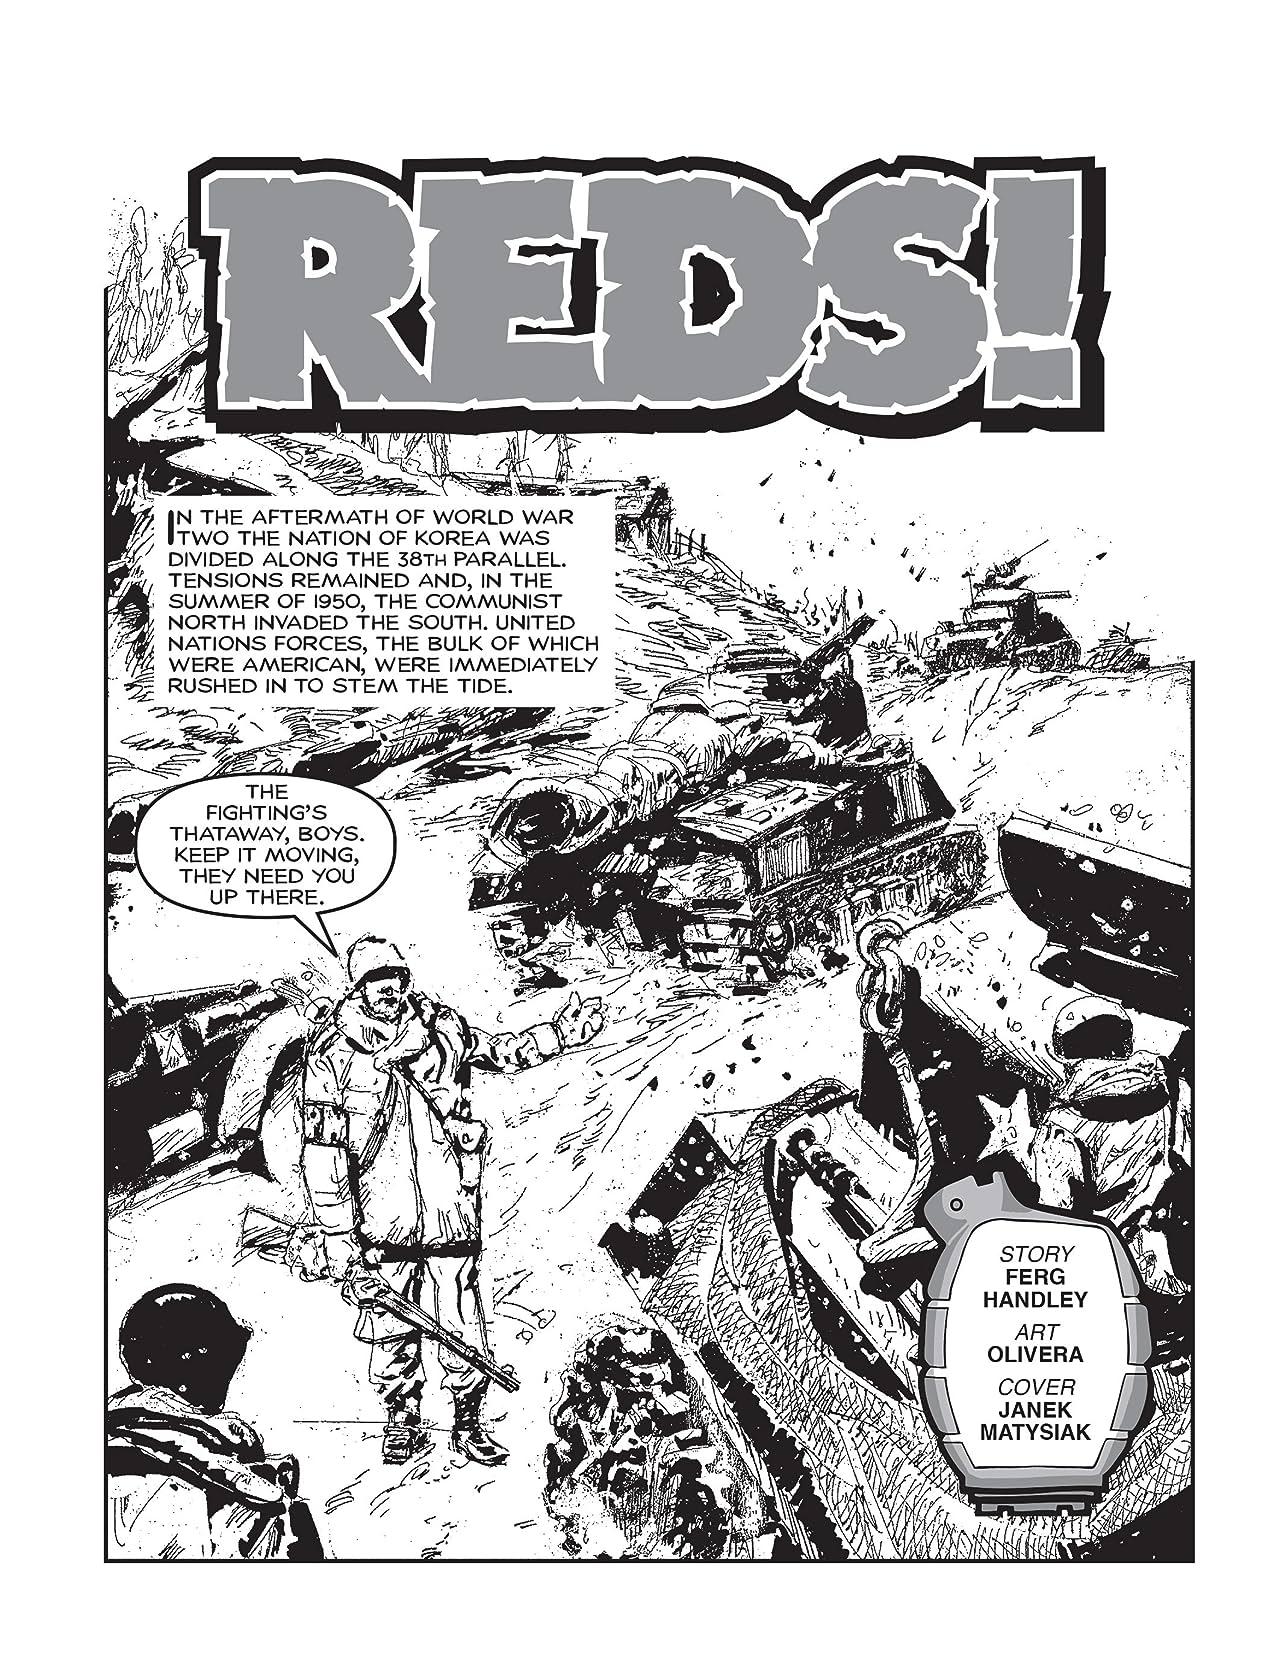 Commando #4749: Reds!